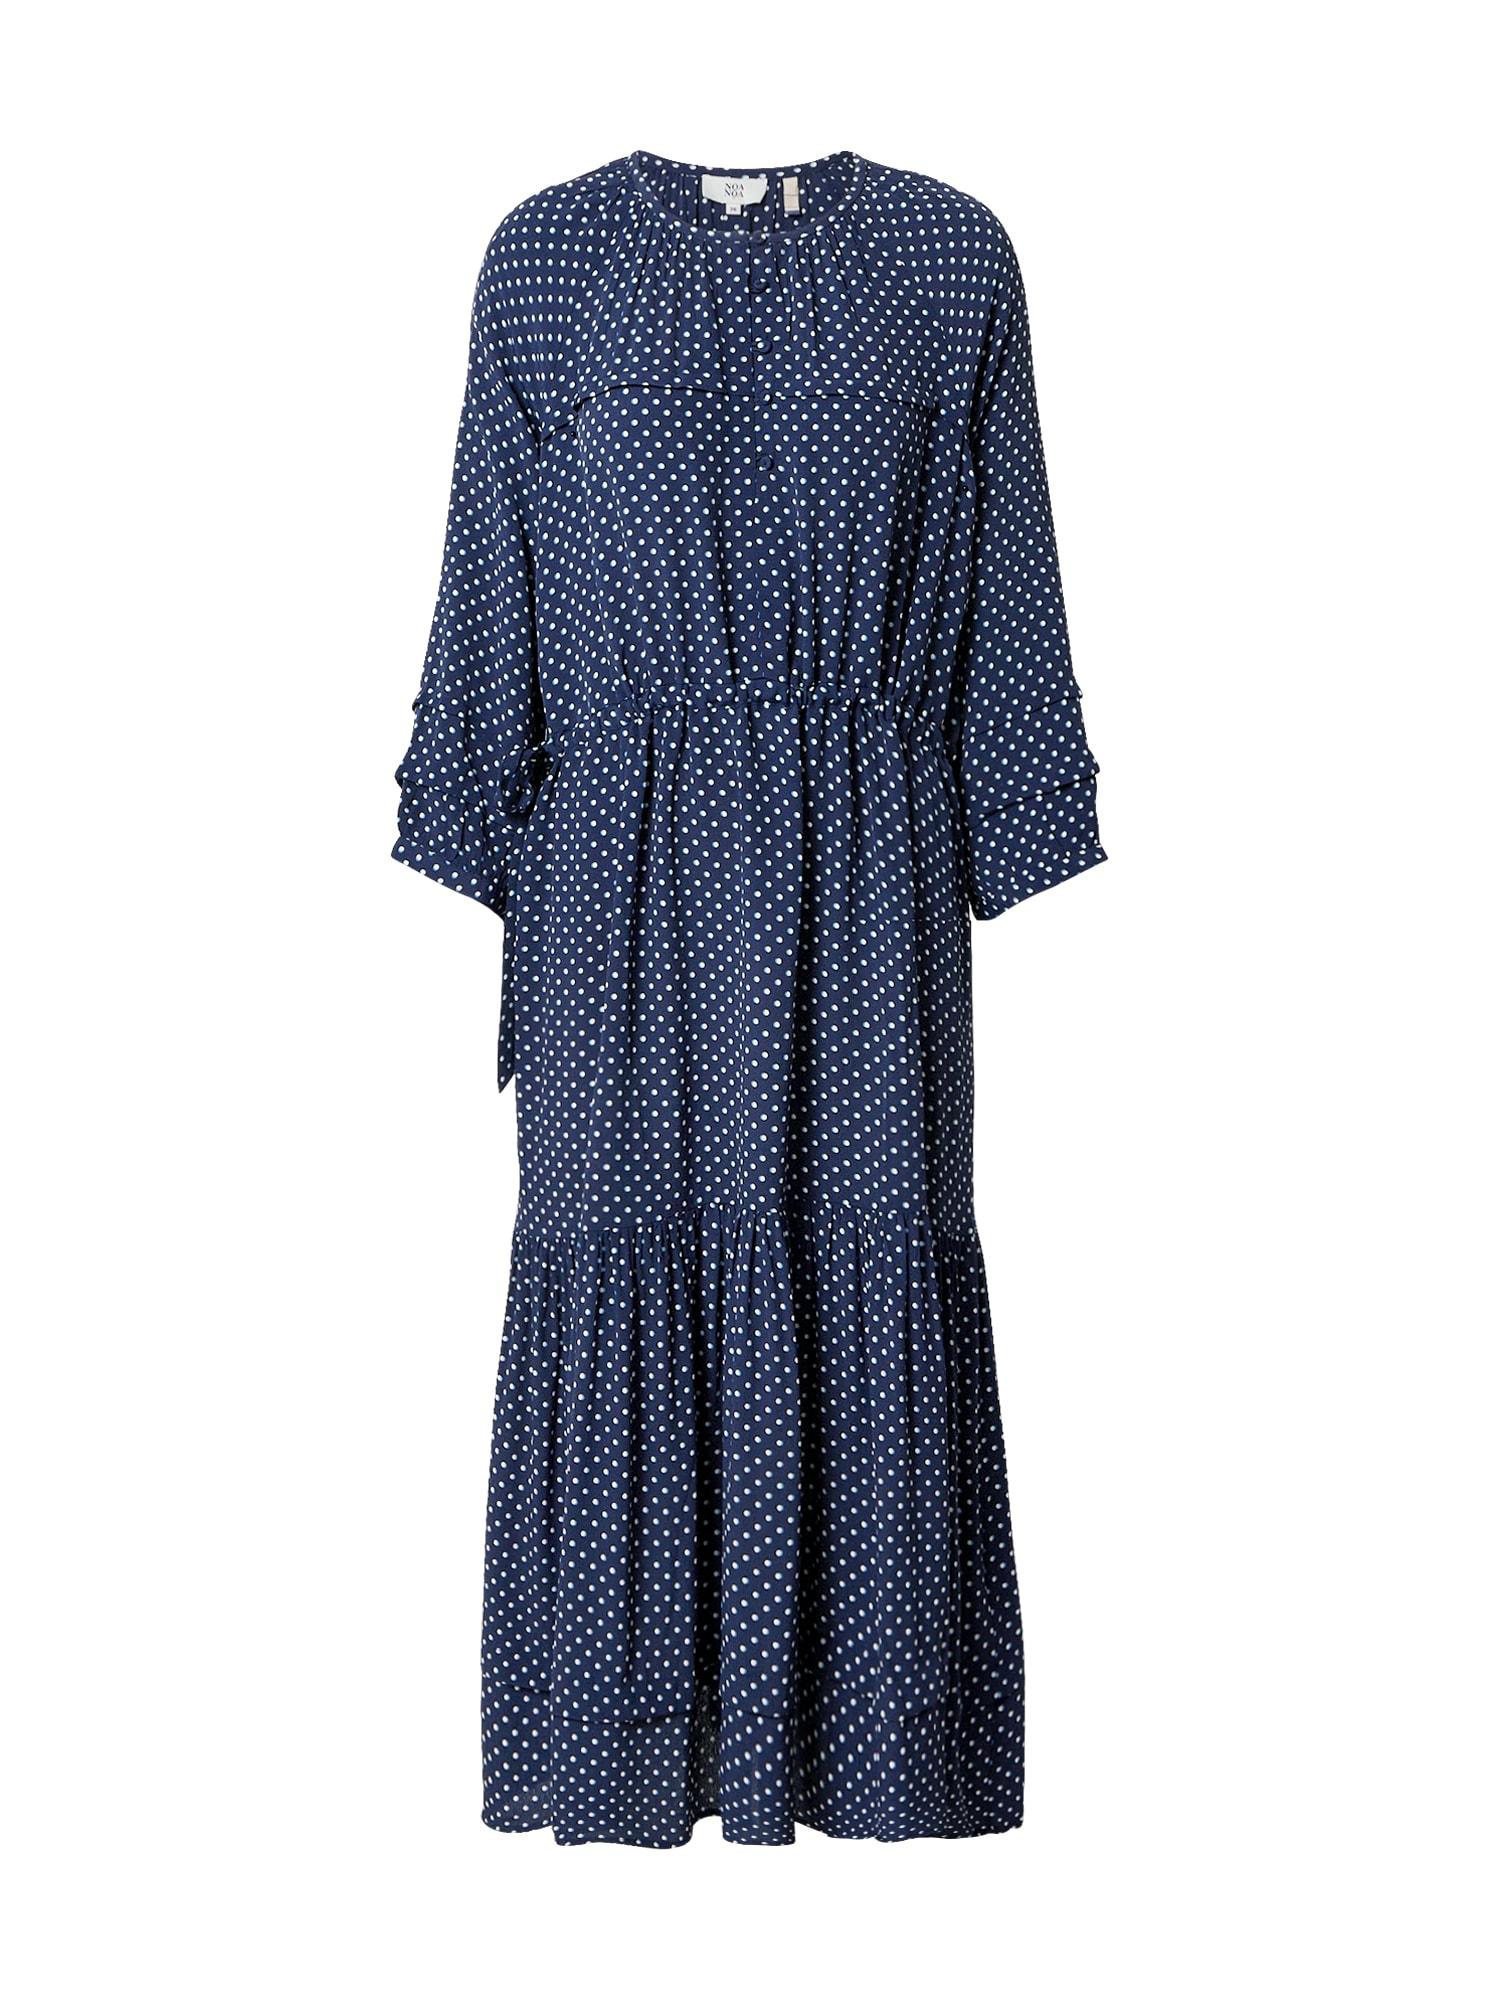 Noa Noa Palaidinės tipo suknelė balta / tamsiai mėlyna / šviesiai mėlyna